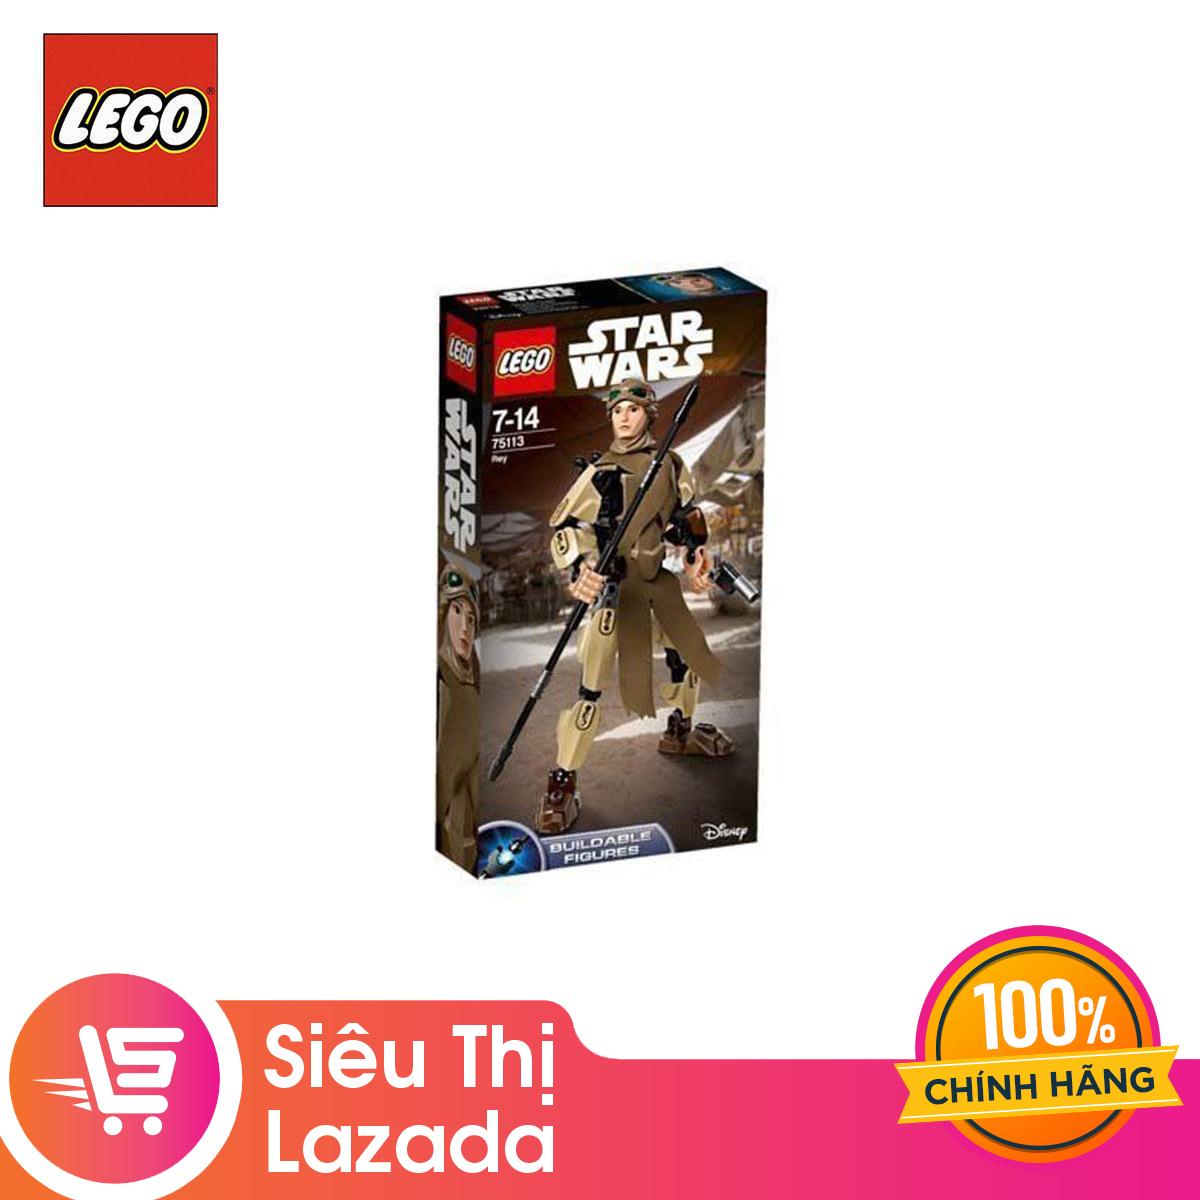 Voucher Ưu Đãi [Voucher Freeship 30k] Đồ Chơi Lắp Ráp Lego Nhân Vật Rey